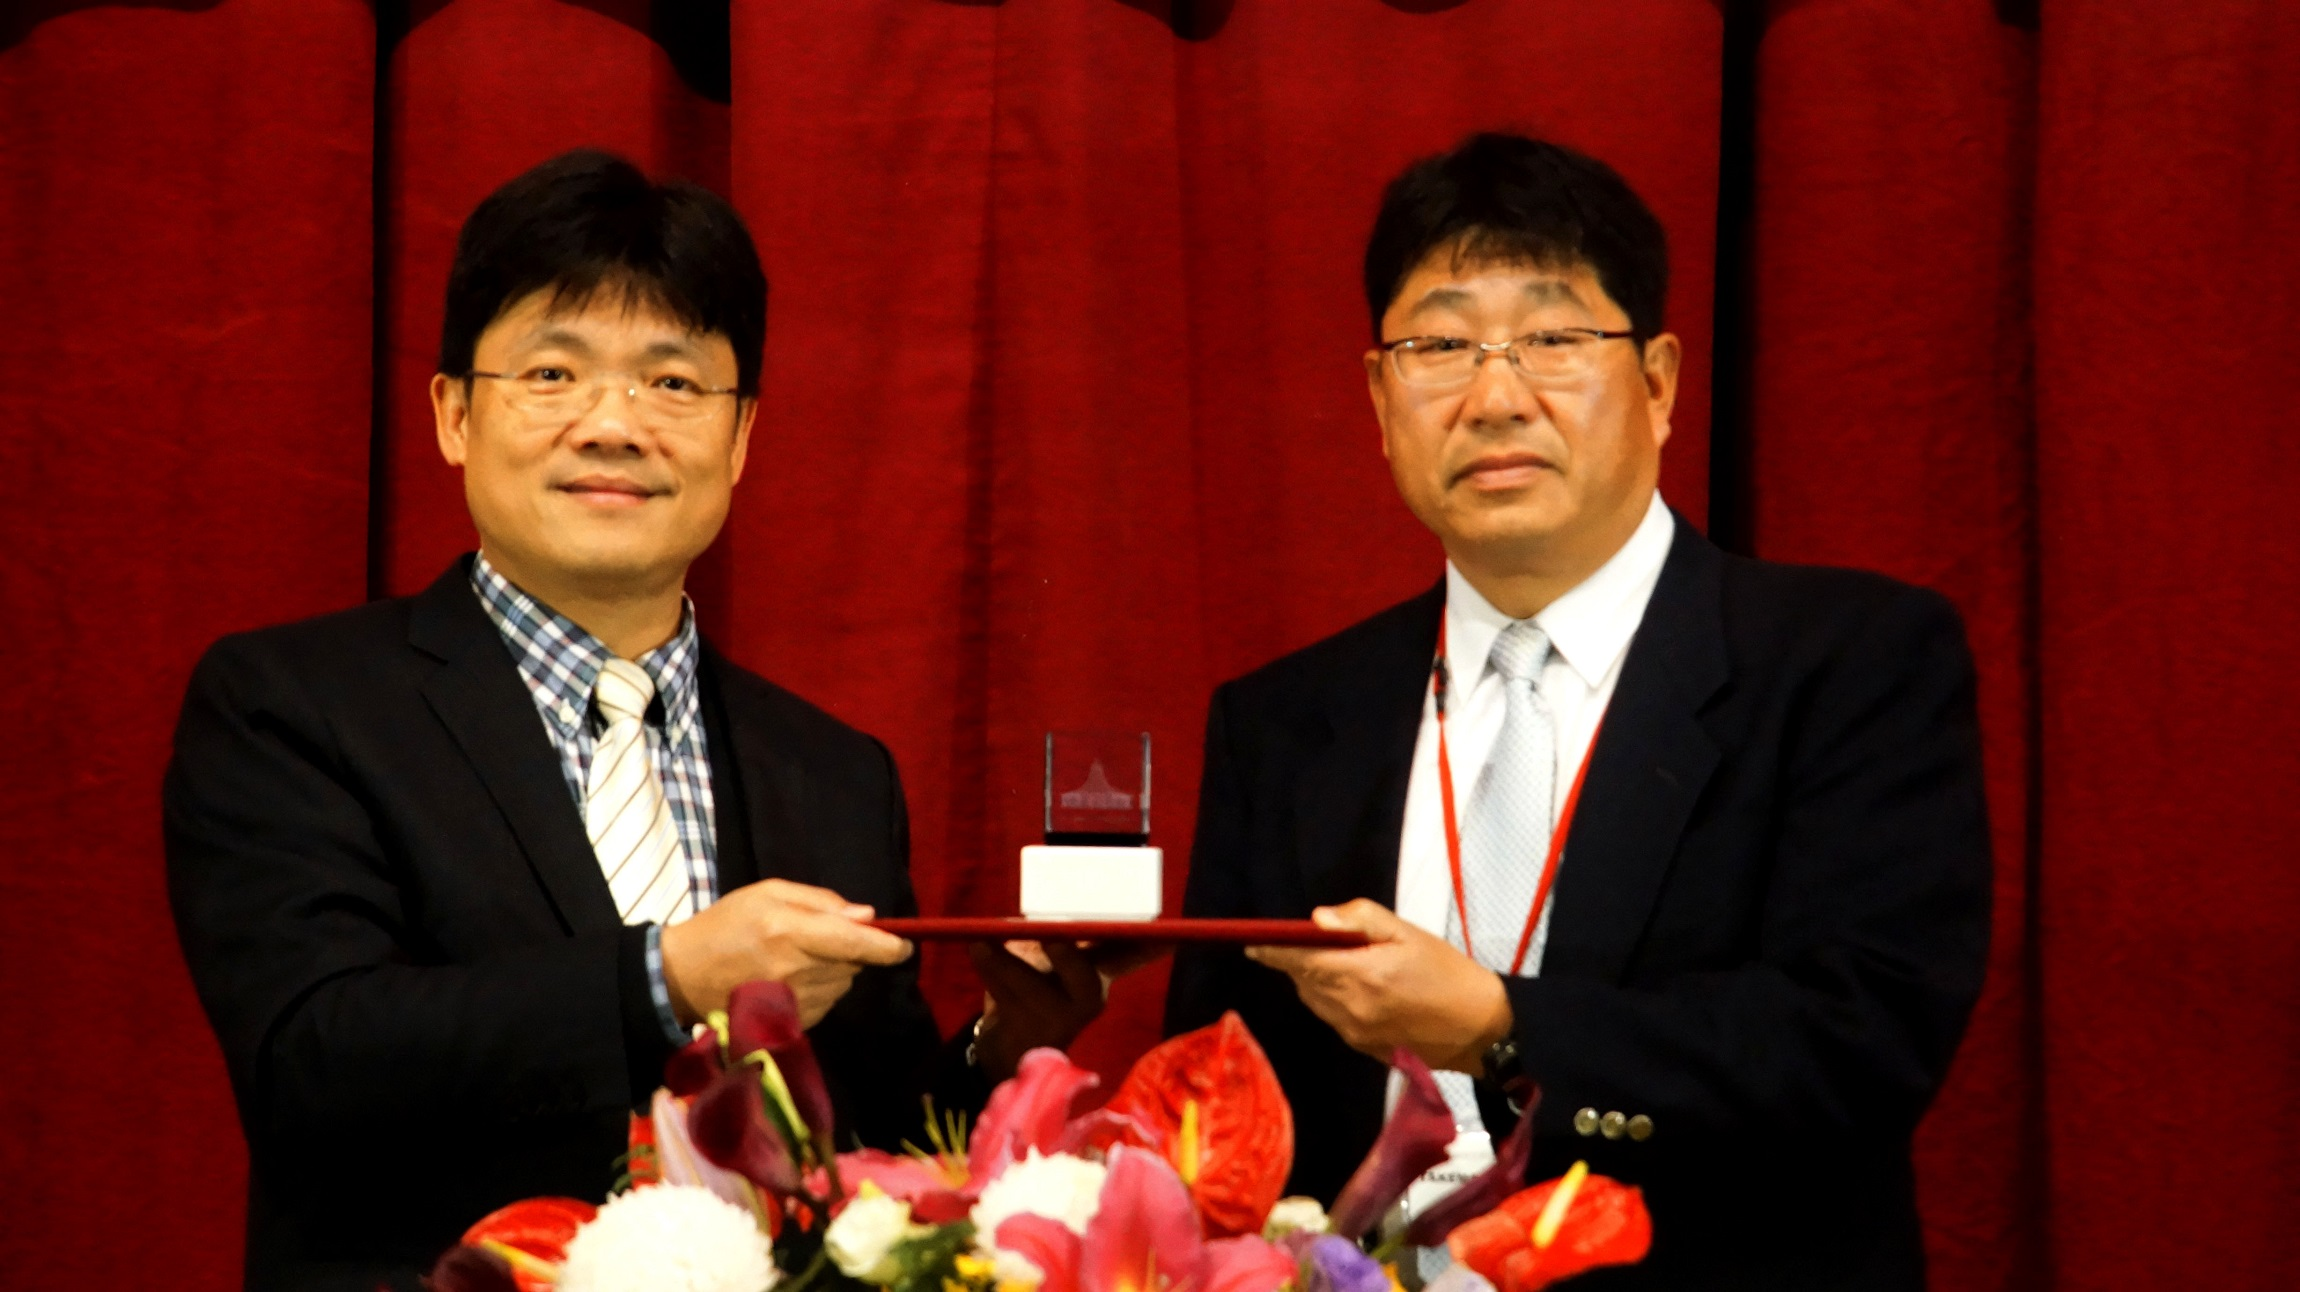 聖約大艾和昌校長(左)致贈紀念品給日本涉谷高校竹本晃先生(右)